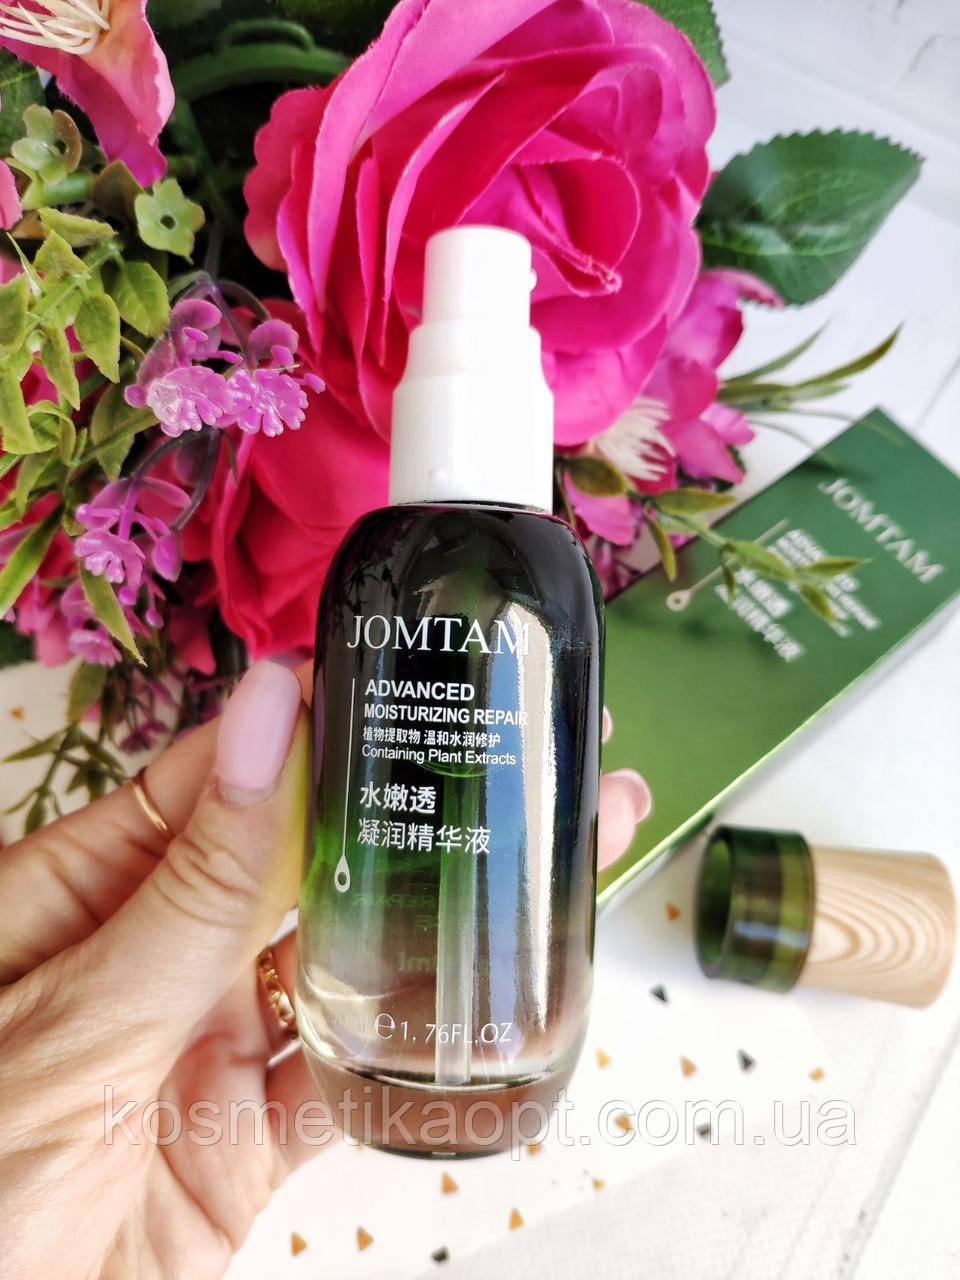 Сироватка для відновлення шкіри з маслом авокадо JOMTAM Advanced Moisturizing Repai, 50 мл